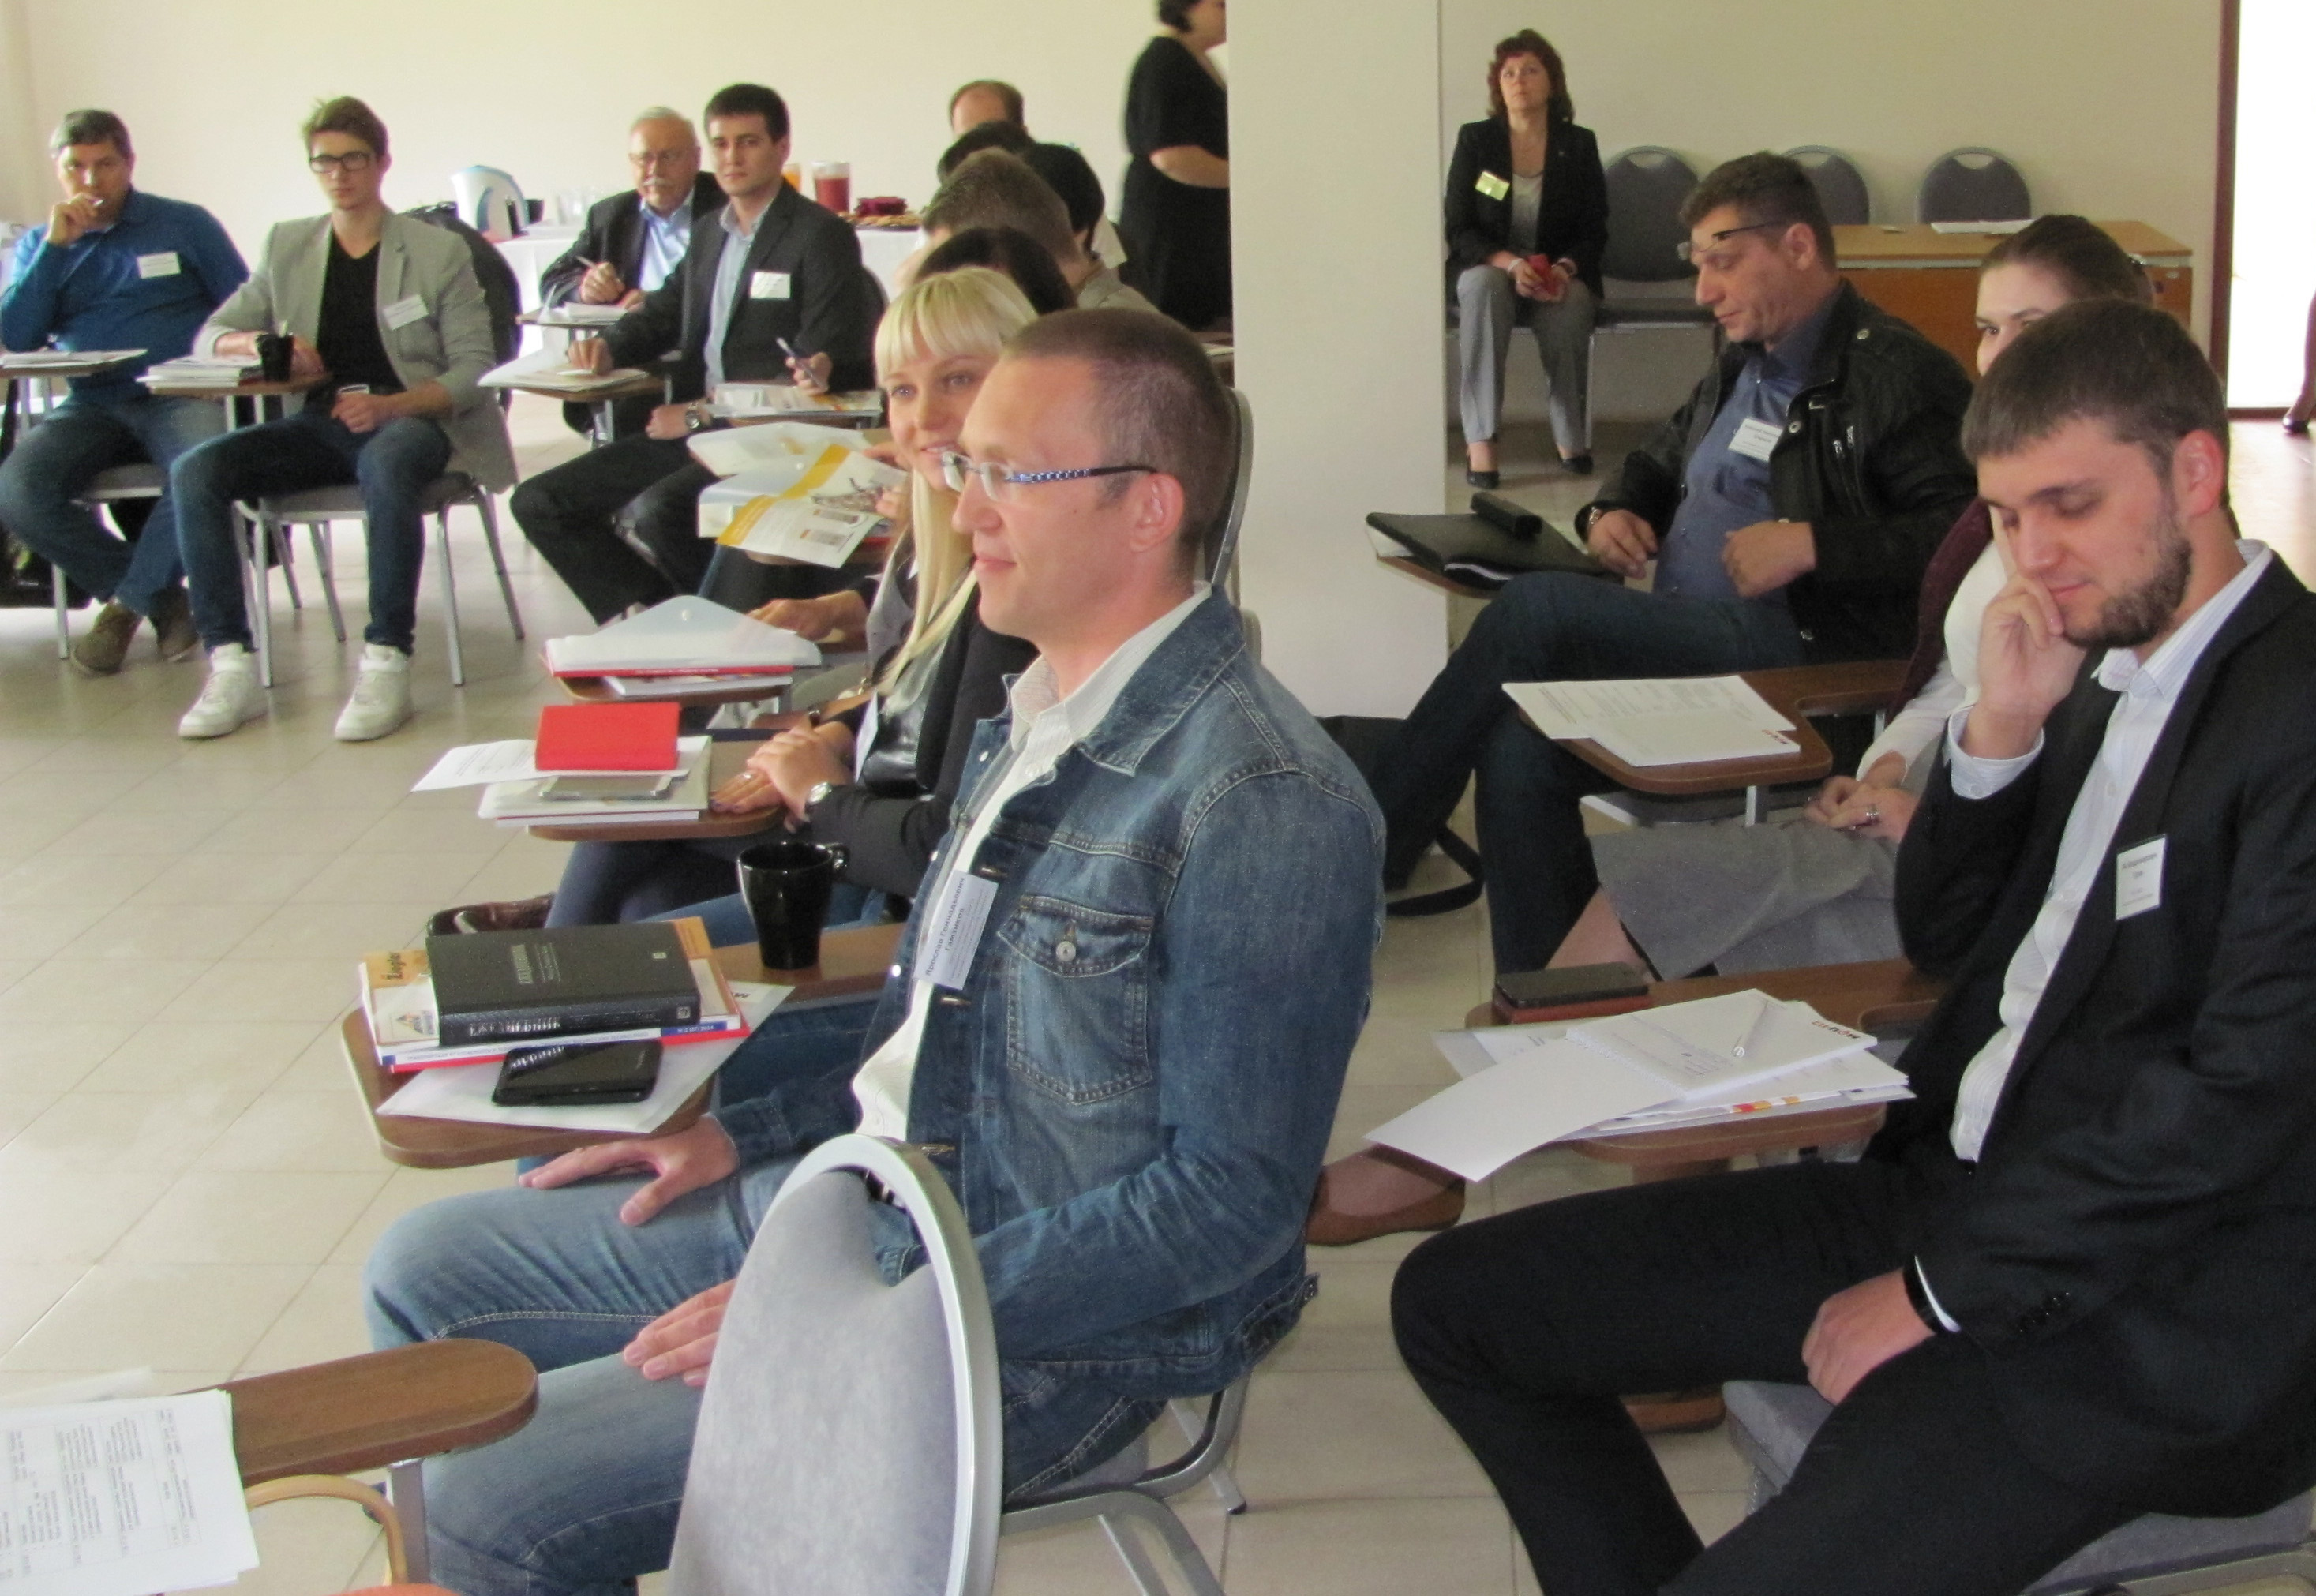 На территории МФЦ-112 прошел круглый стол «Повышение конкурентоспособности предприятия пожарно-спасательной отрасли в условиях ценовых войн».